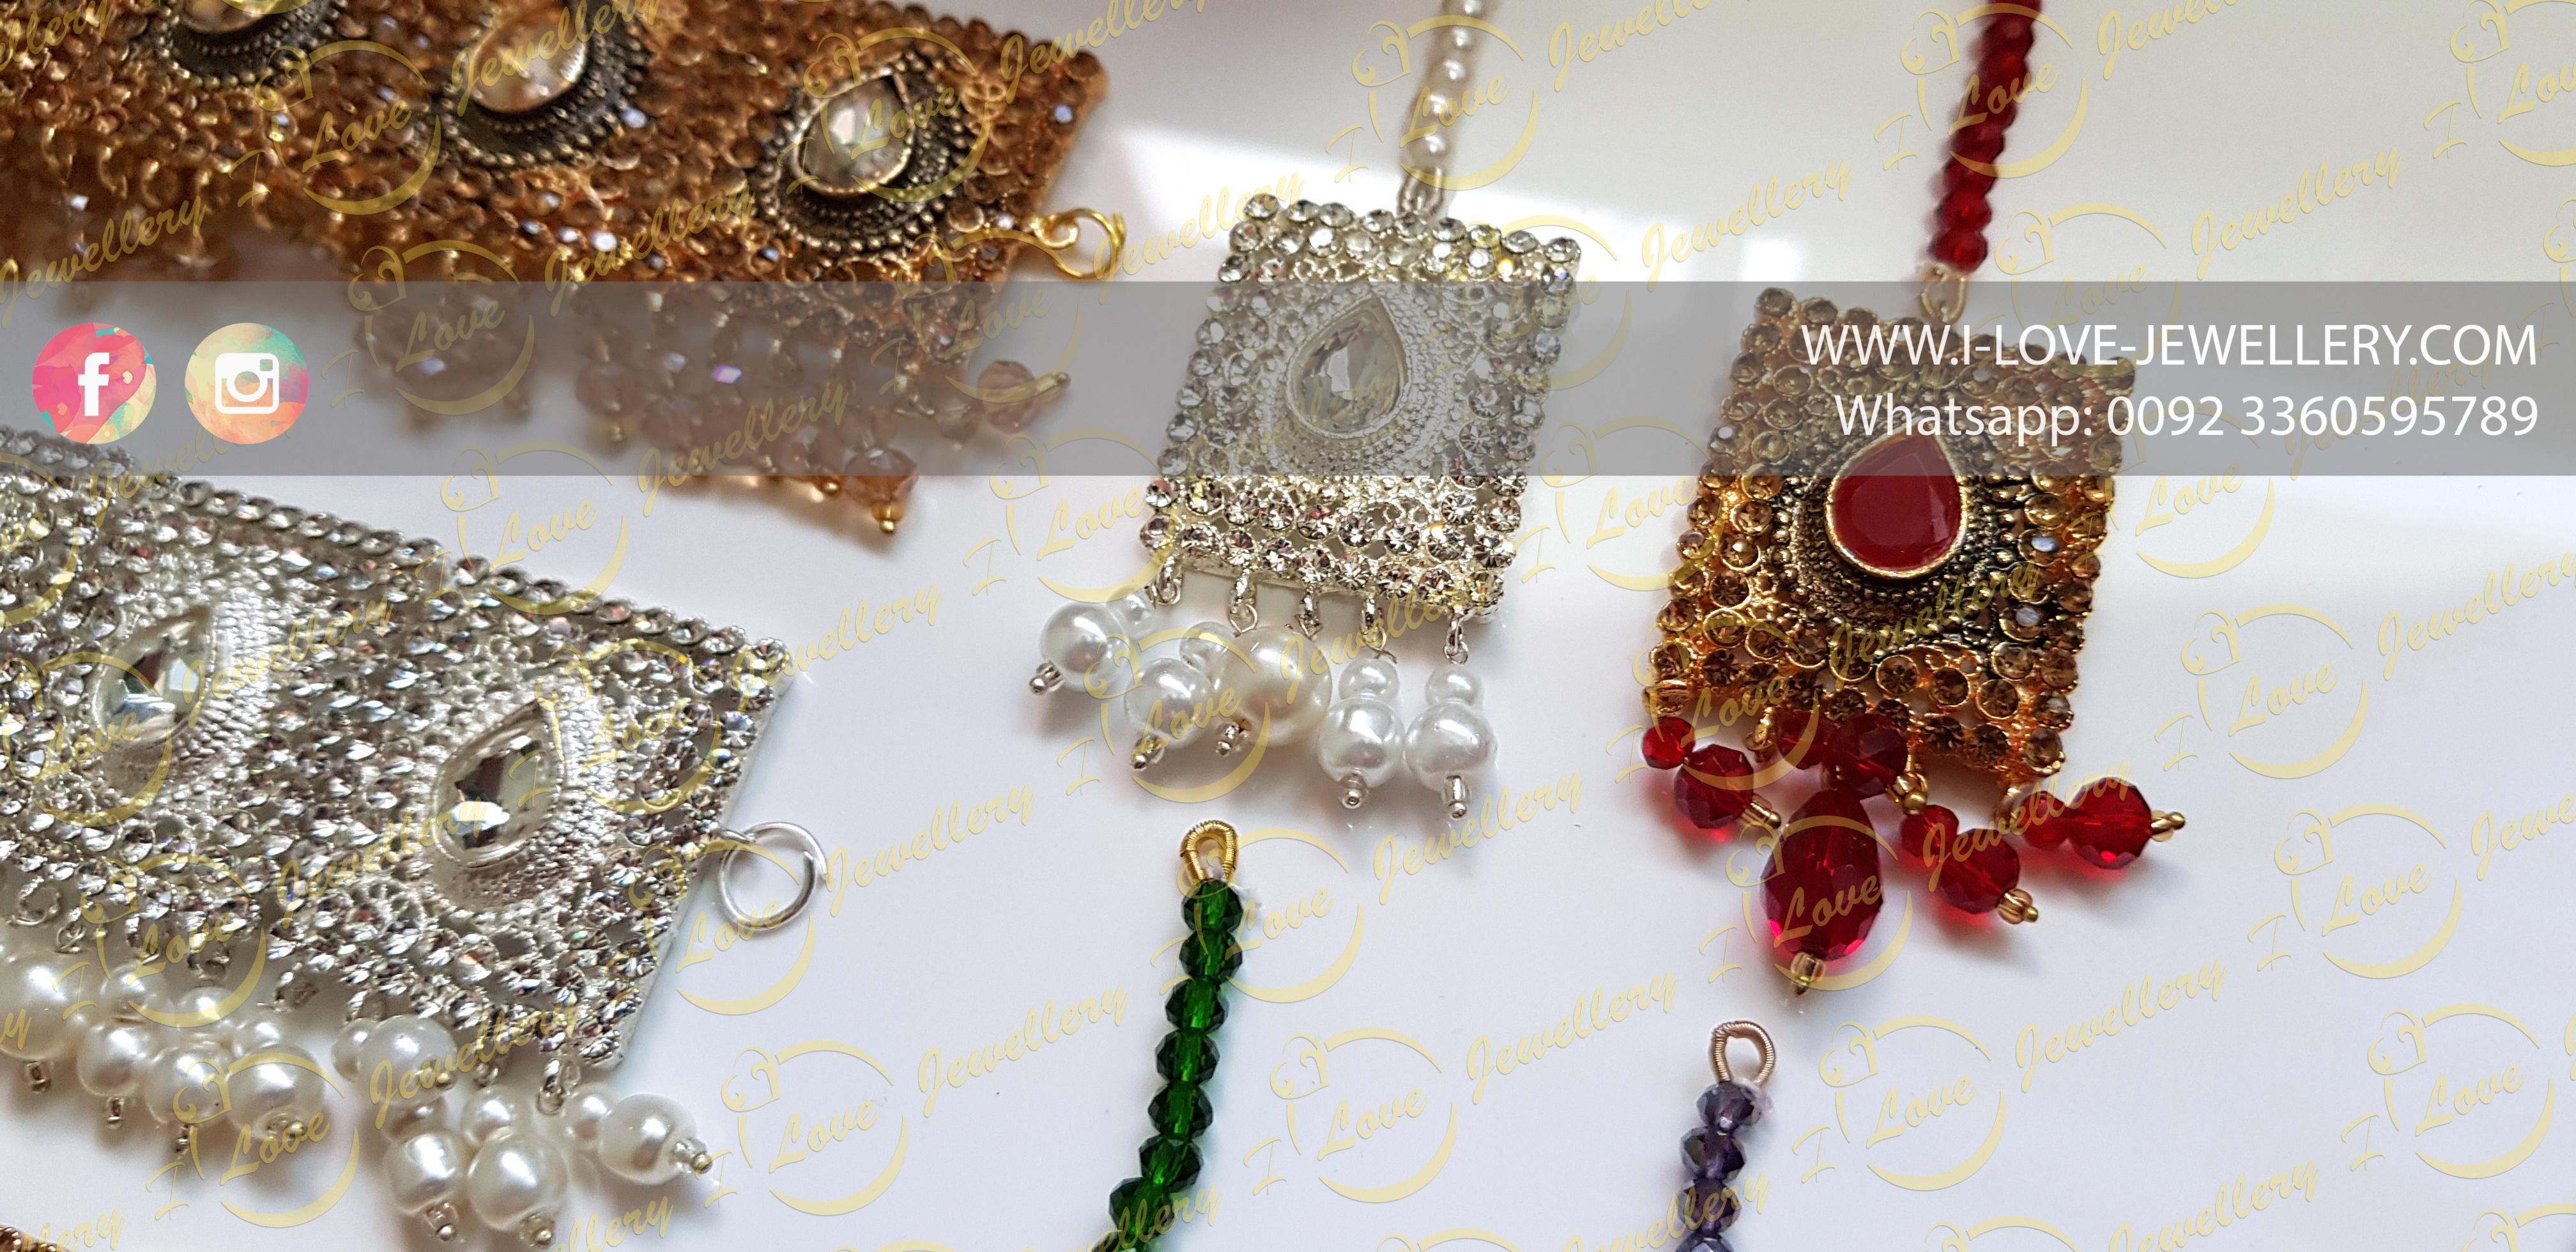 Pakistani choker - Champagne choker - silver choker - party chokers - bridal chokers - mehndi jewellery - Pakistani wedding jewellery - Pakistani bridal jewellery - wholesale Pakistani jewellery - bespoke Pakistani jewellery